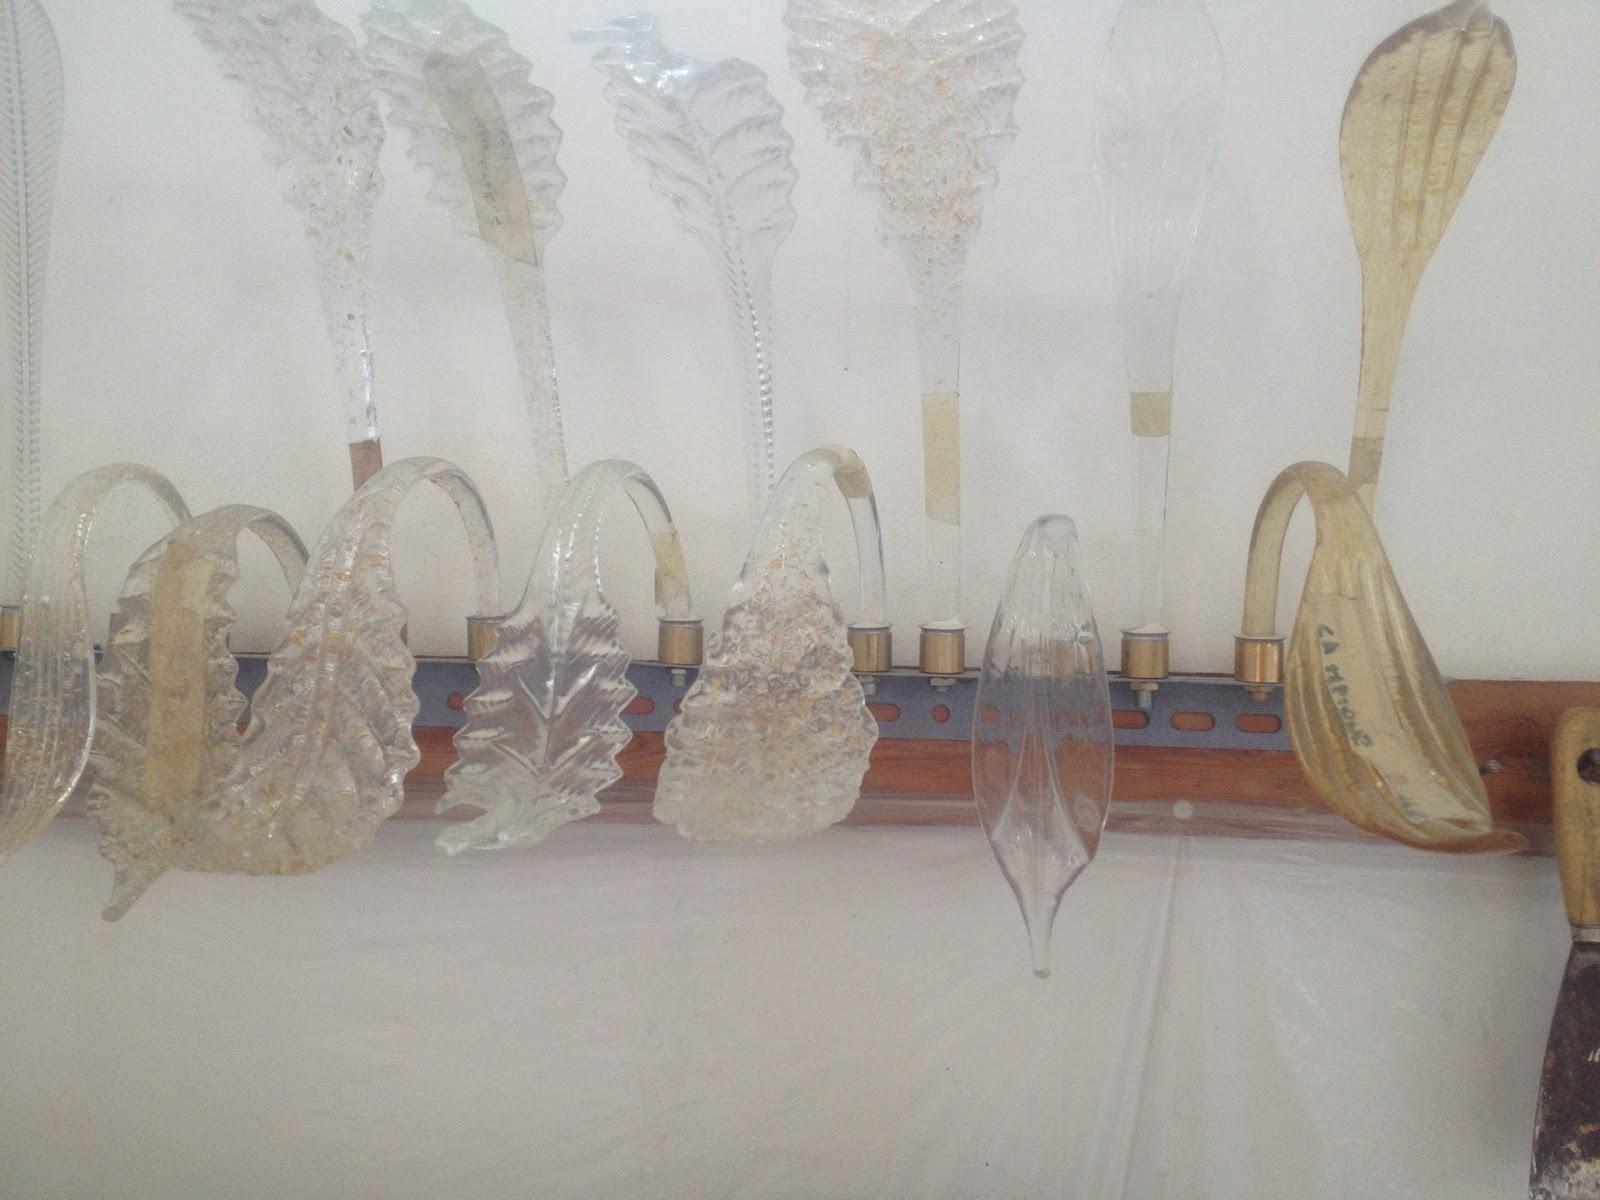 ... Murano: Nuova struttura produttiva 2016 ricambi e lampadari di Murano